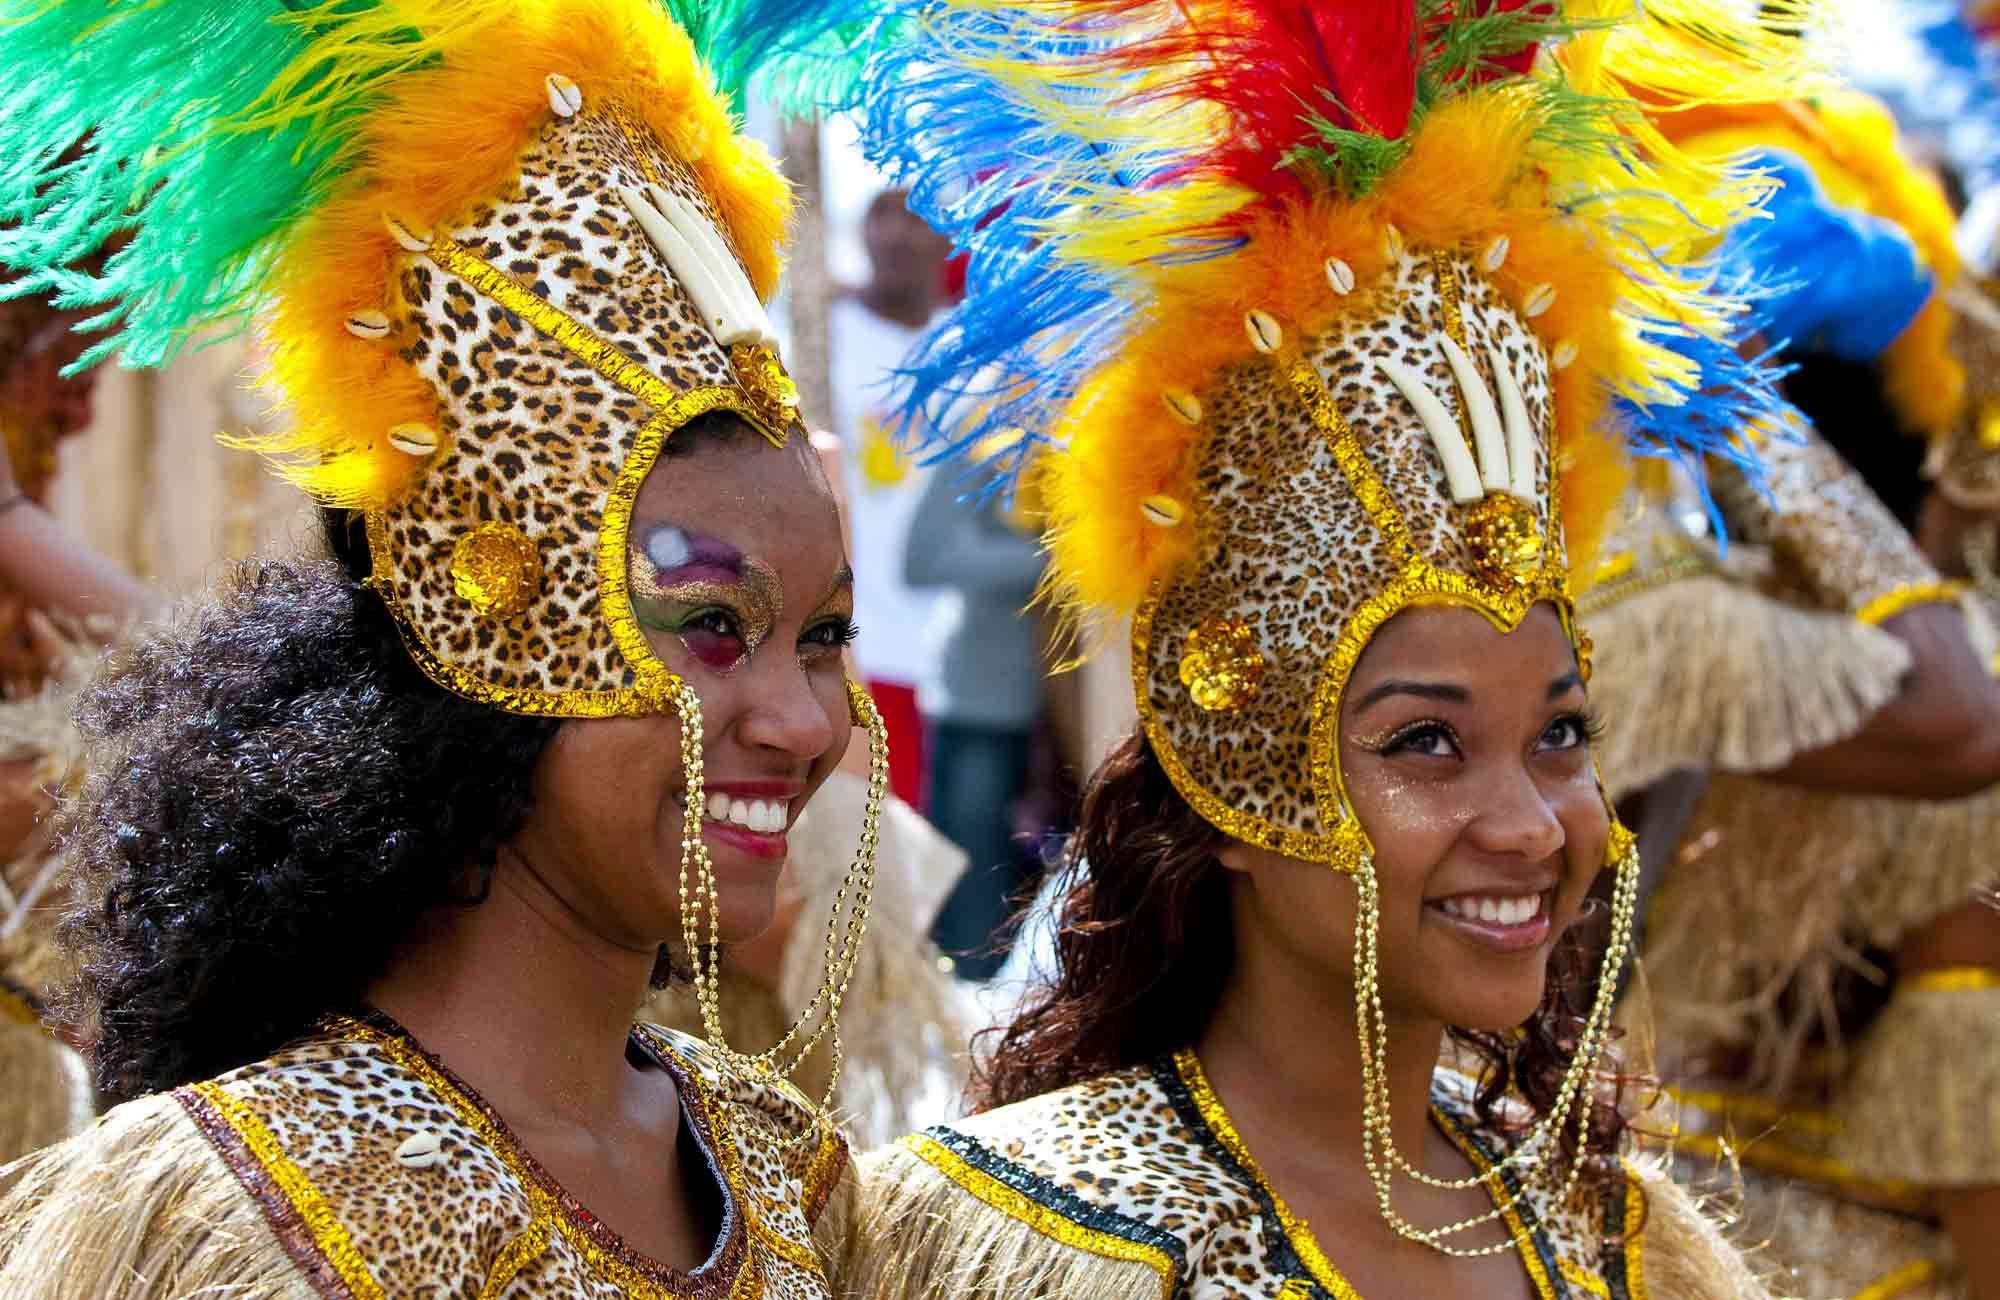 Danseuses de Carnaval brésilien à Rio de Janeiro